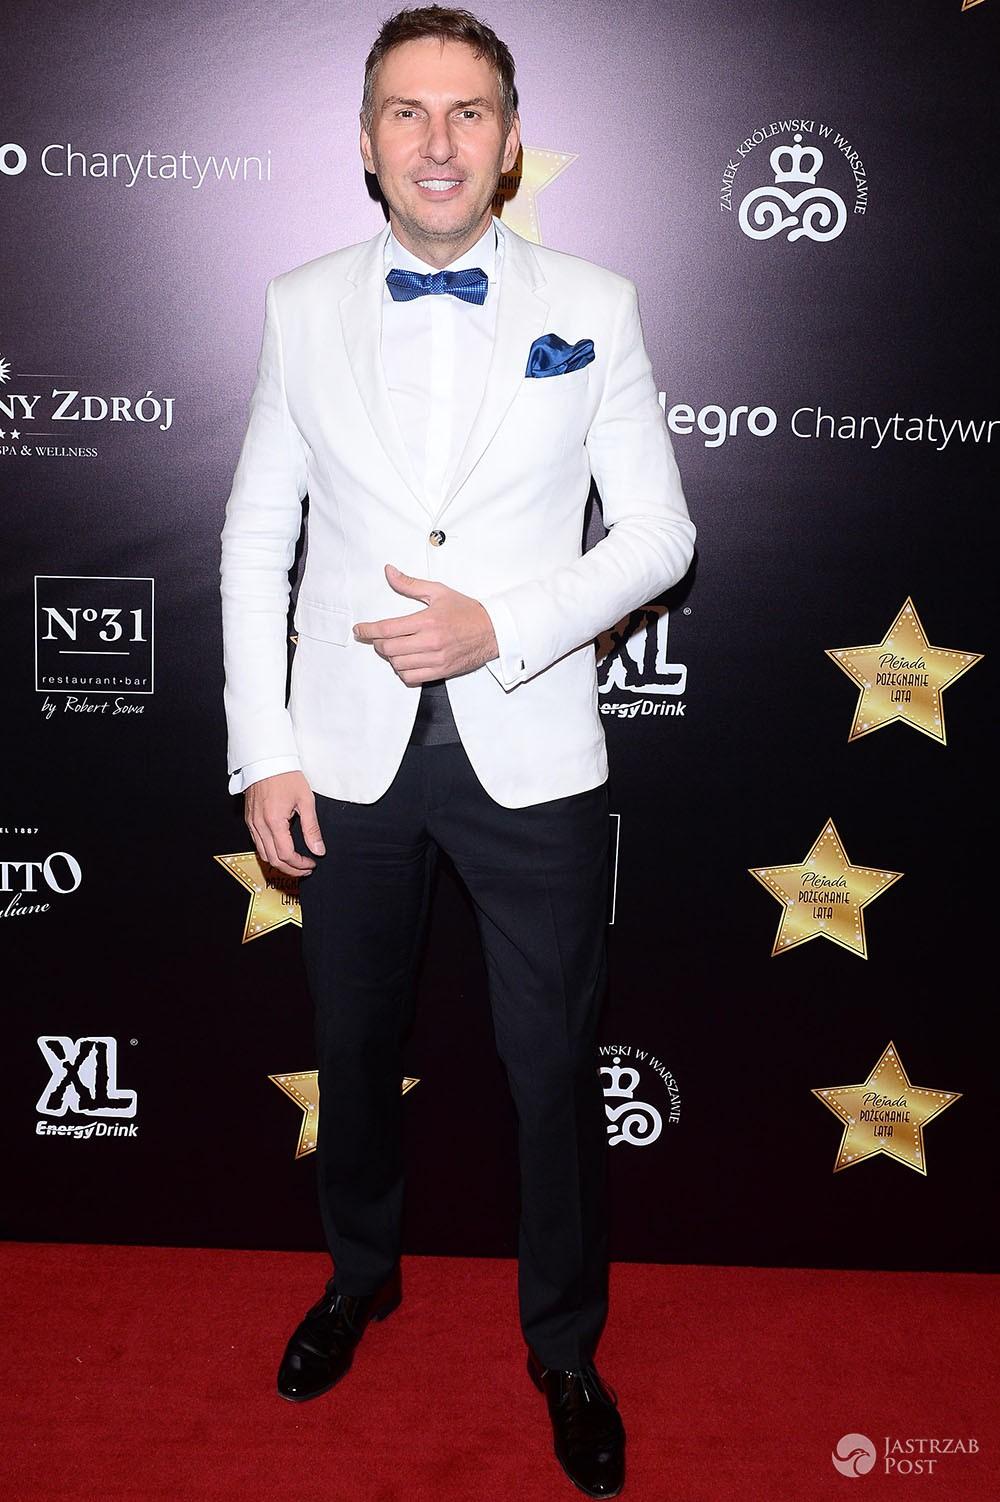 Krzysztof Gojdź - Plejada Pożegnanie Lata 2017